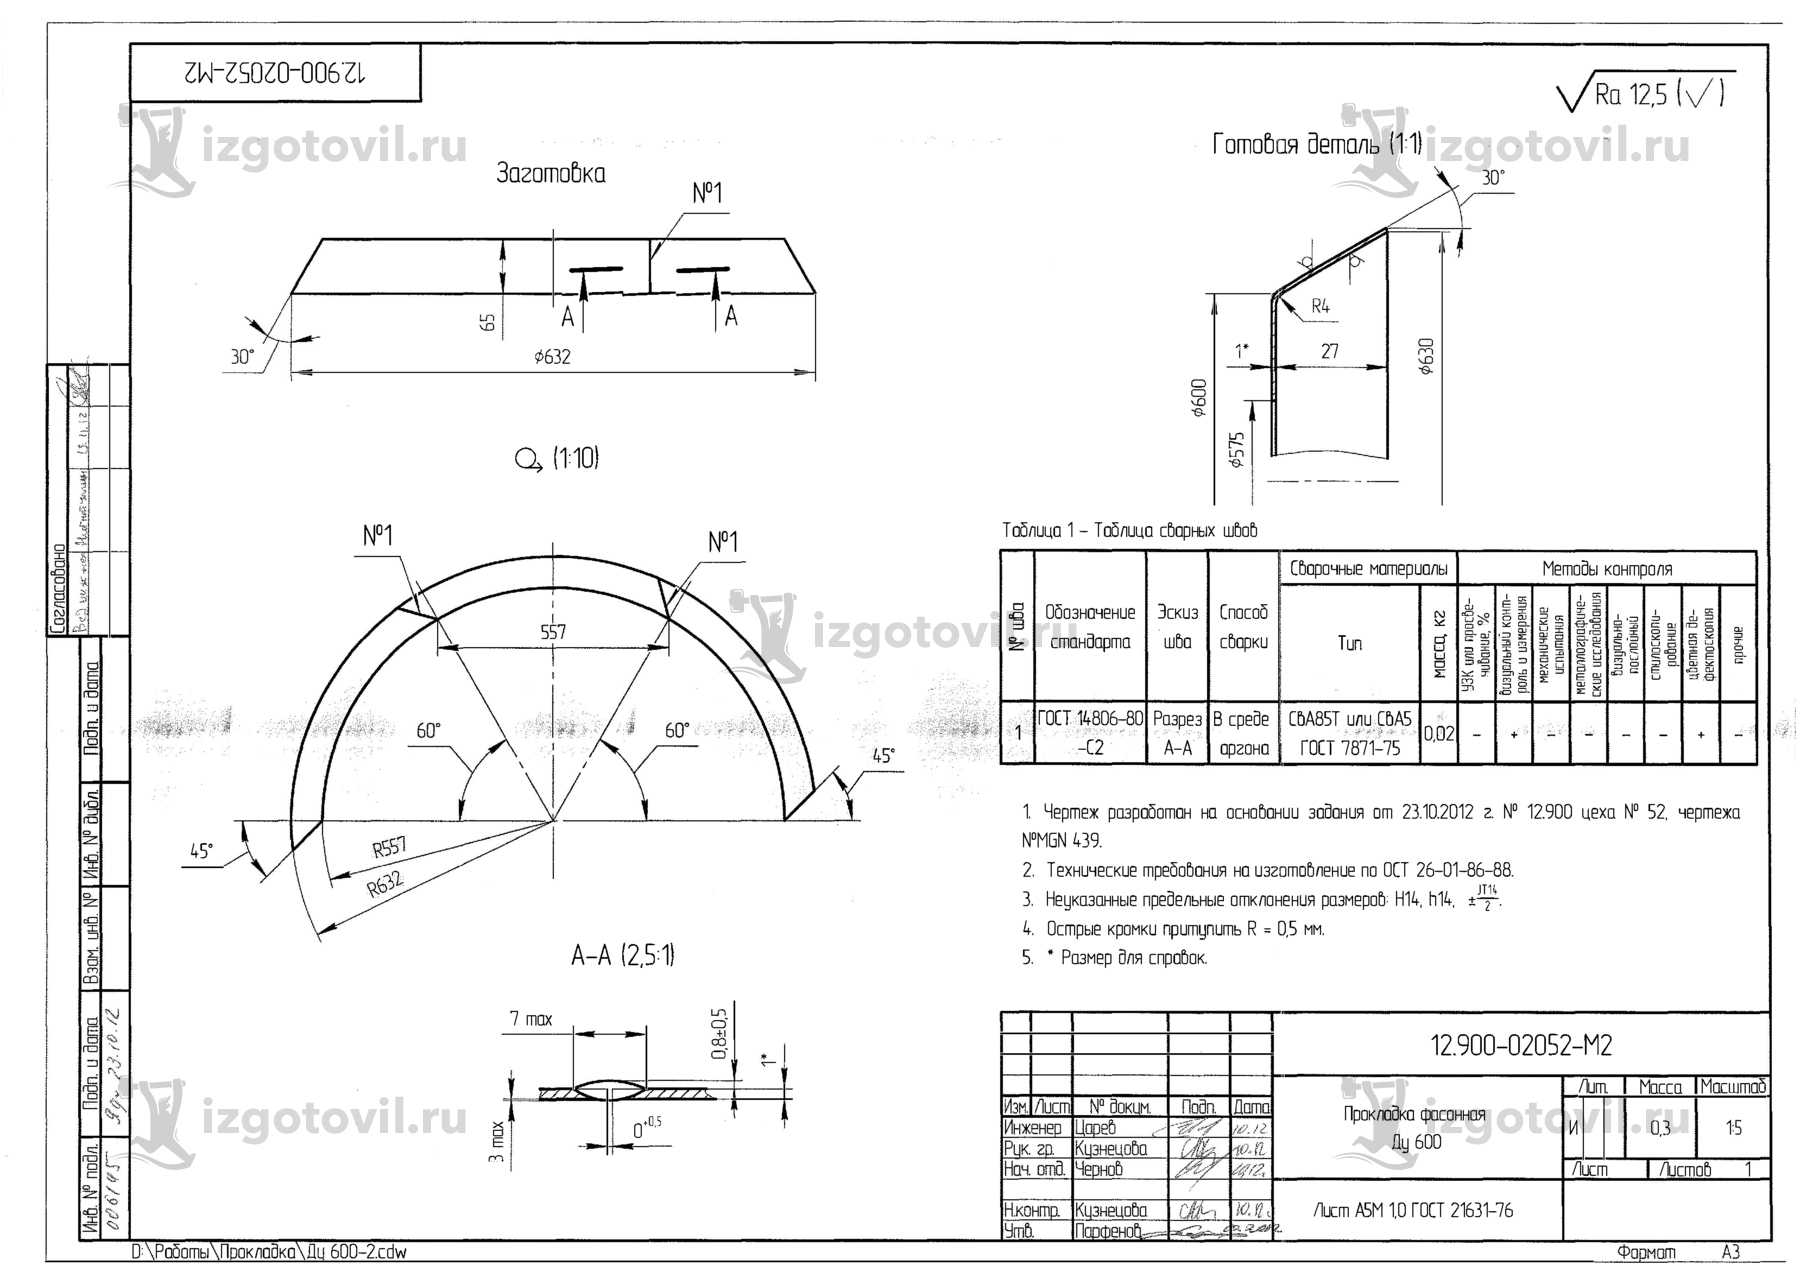 Изготовление технологических деталей ( Прокладки из алюминия (Ду 1000) в ассортименте)